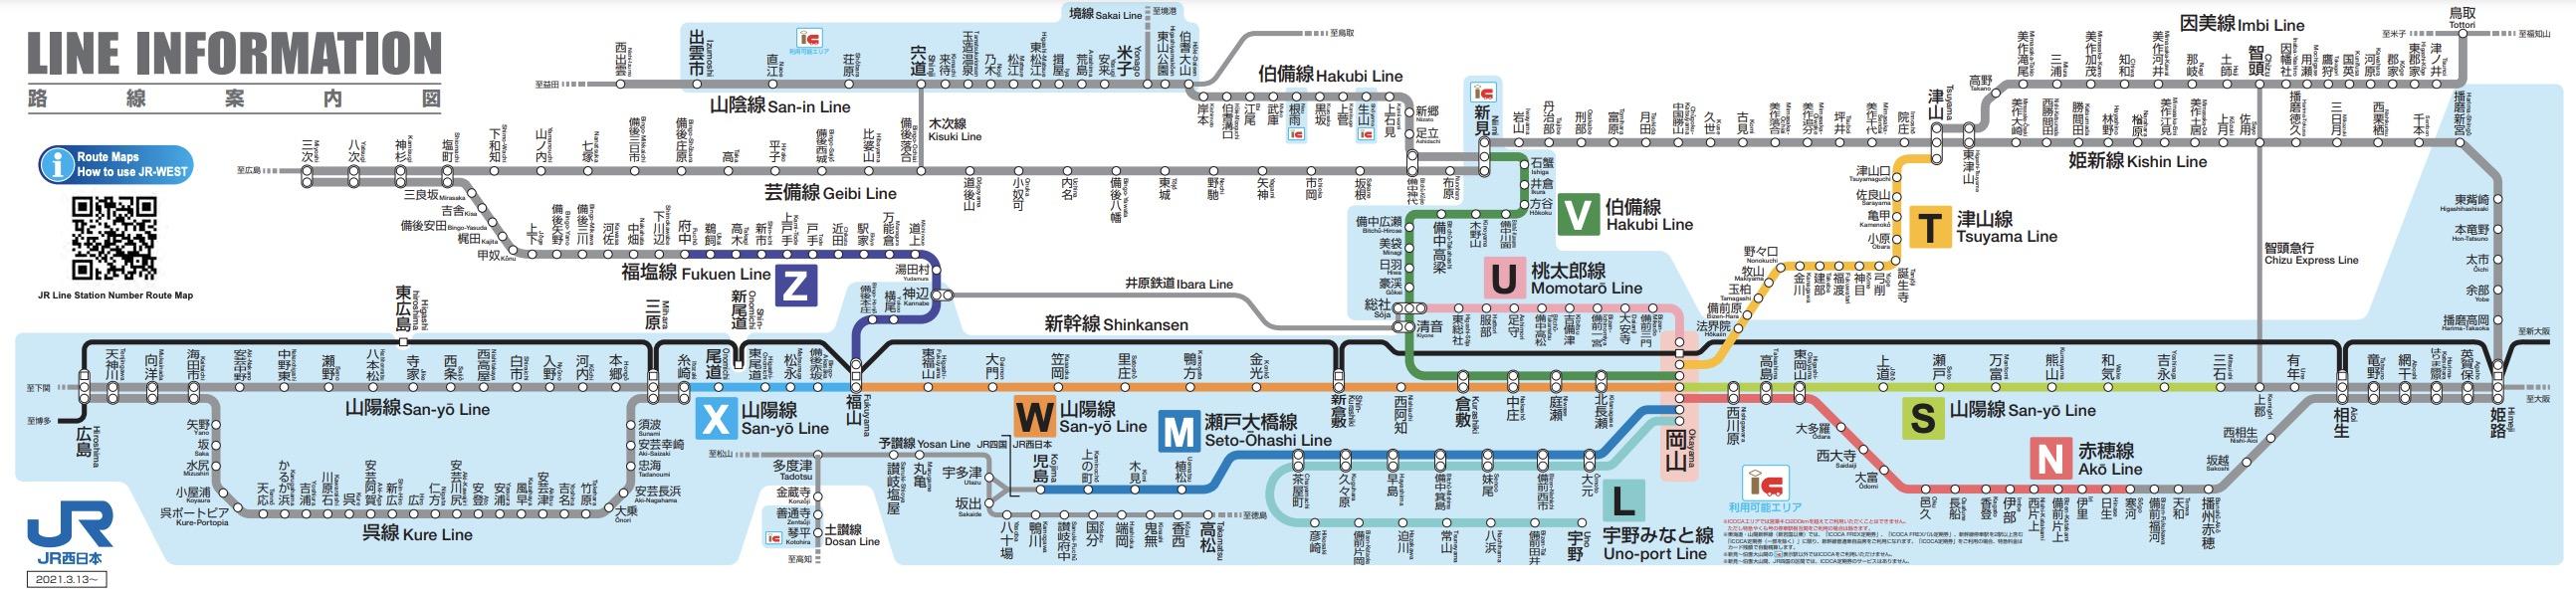 日本岡山車站設施、岡山路面電車巴士搭車處、岡山車站寄物